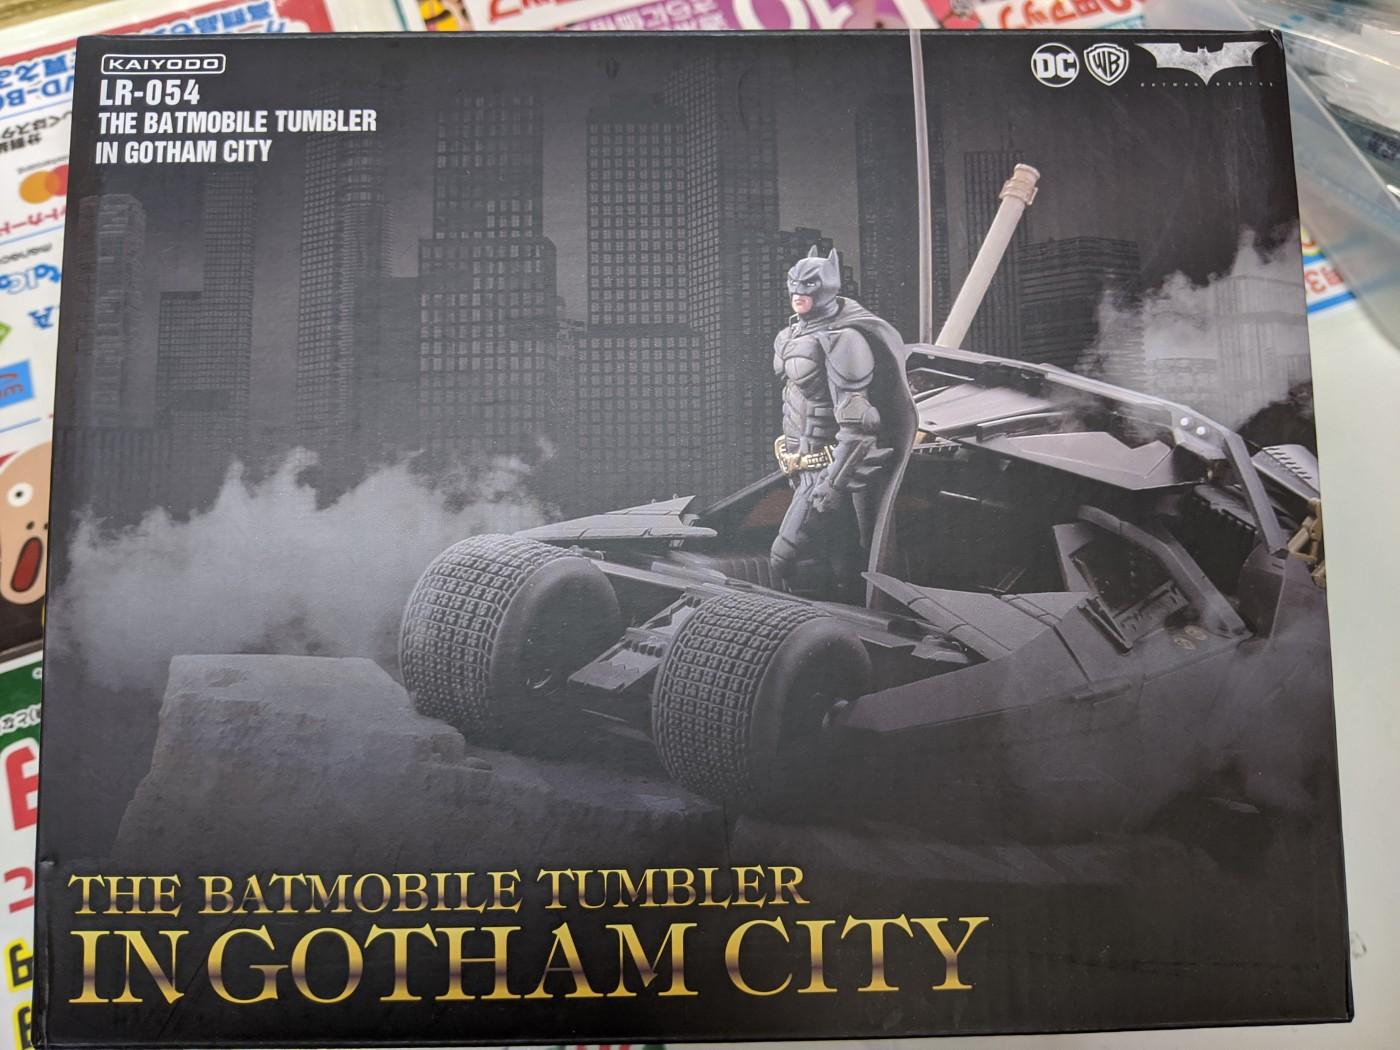 買取情報『KAIYODO(海洋堂)のバットモービル タンブラー in GOTHAM CITY』